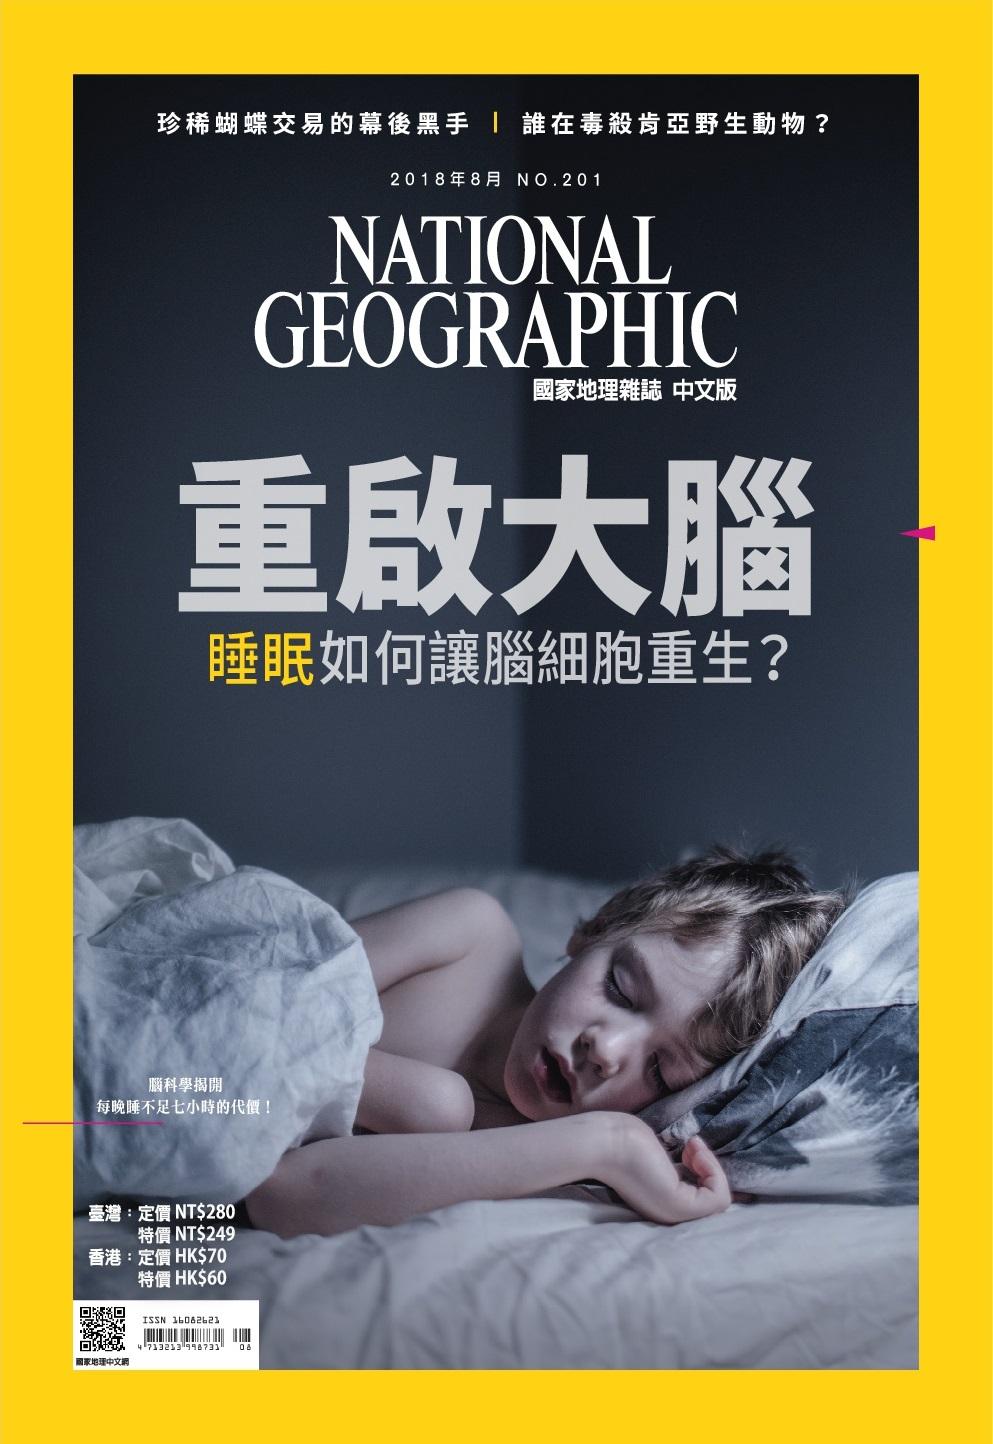 國家地理雜誌 2018 年 8 月號 – 重啟大腦